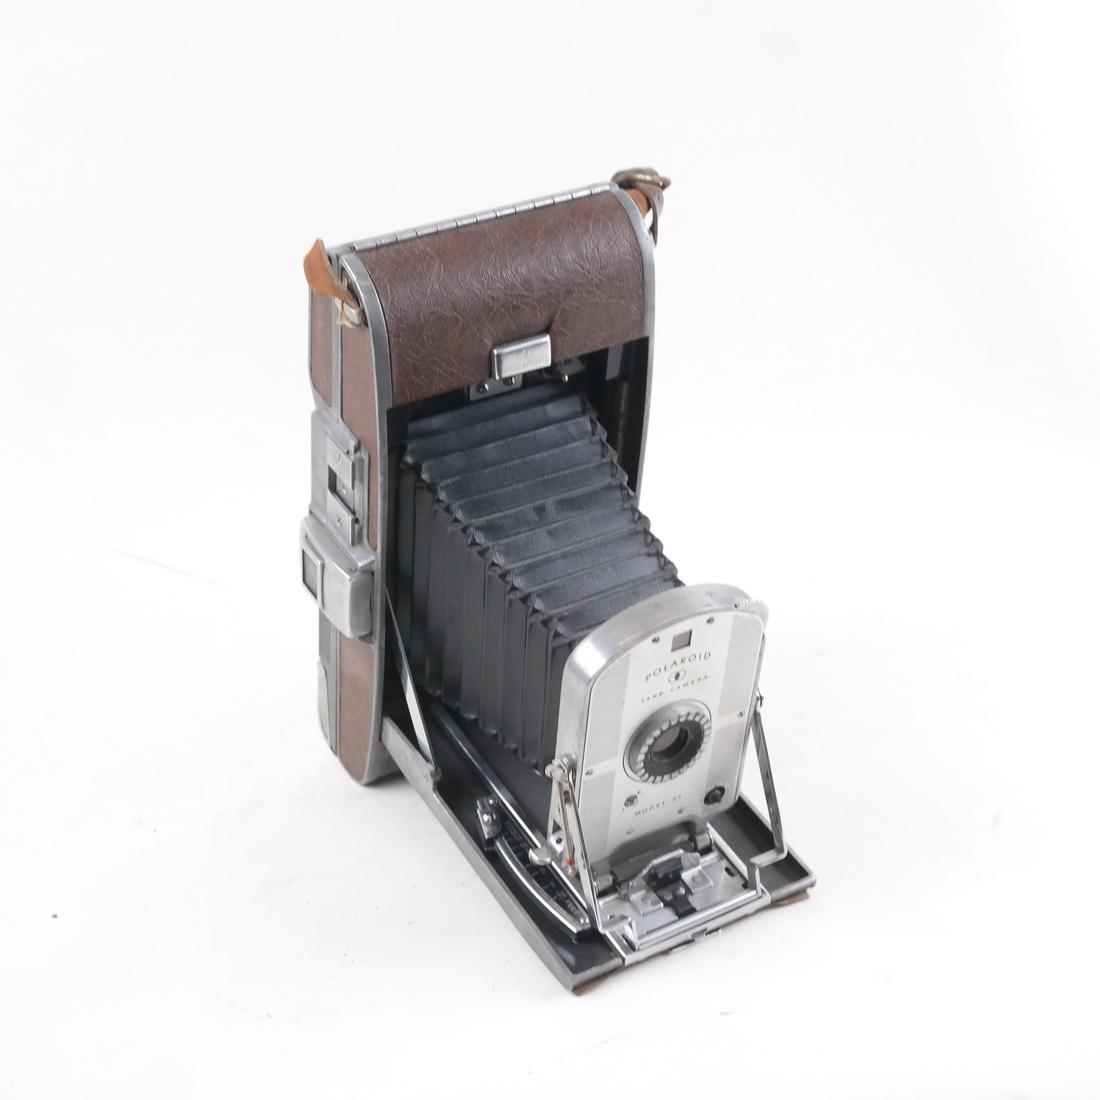 Polaroid Land Camera 95